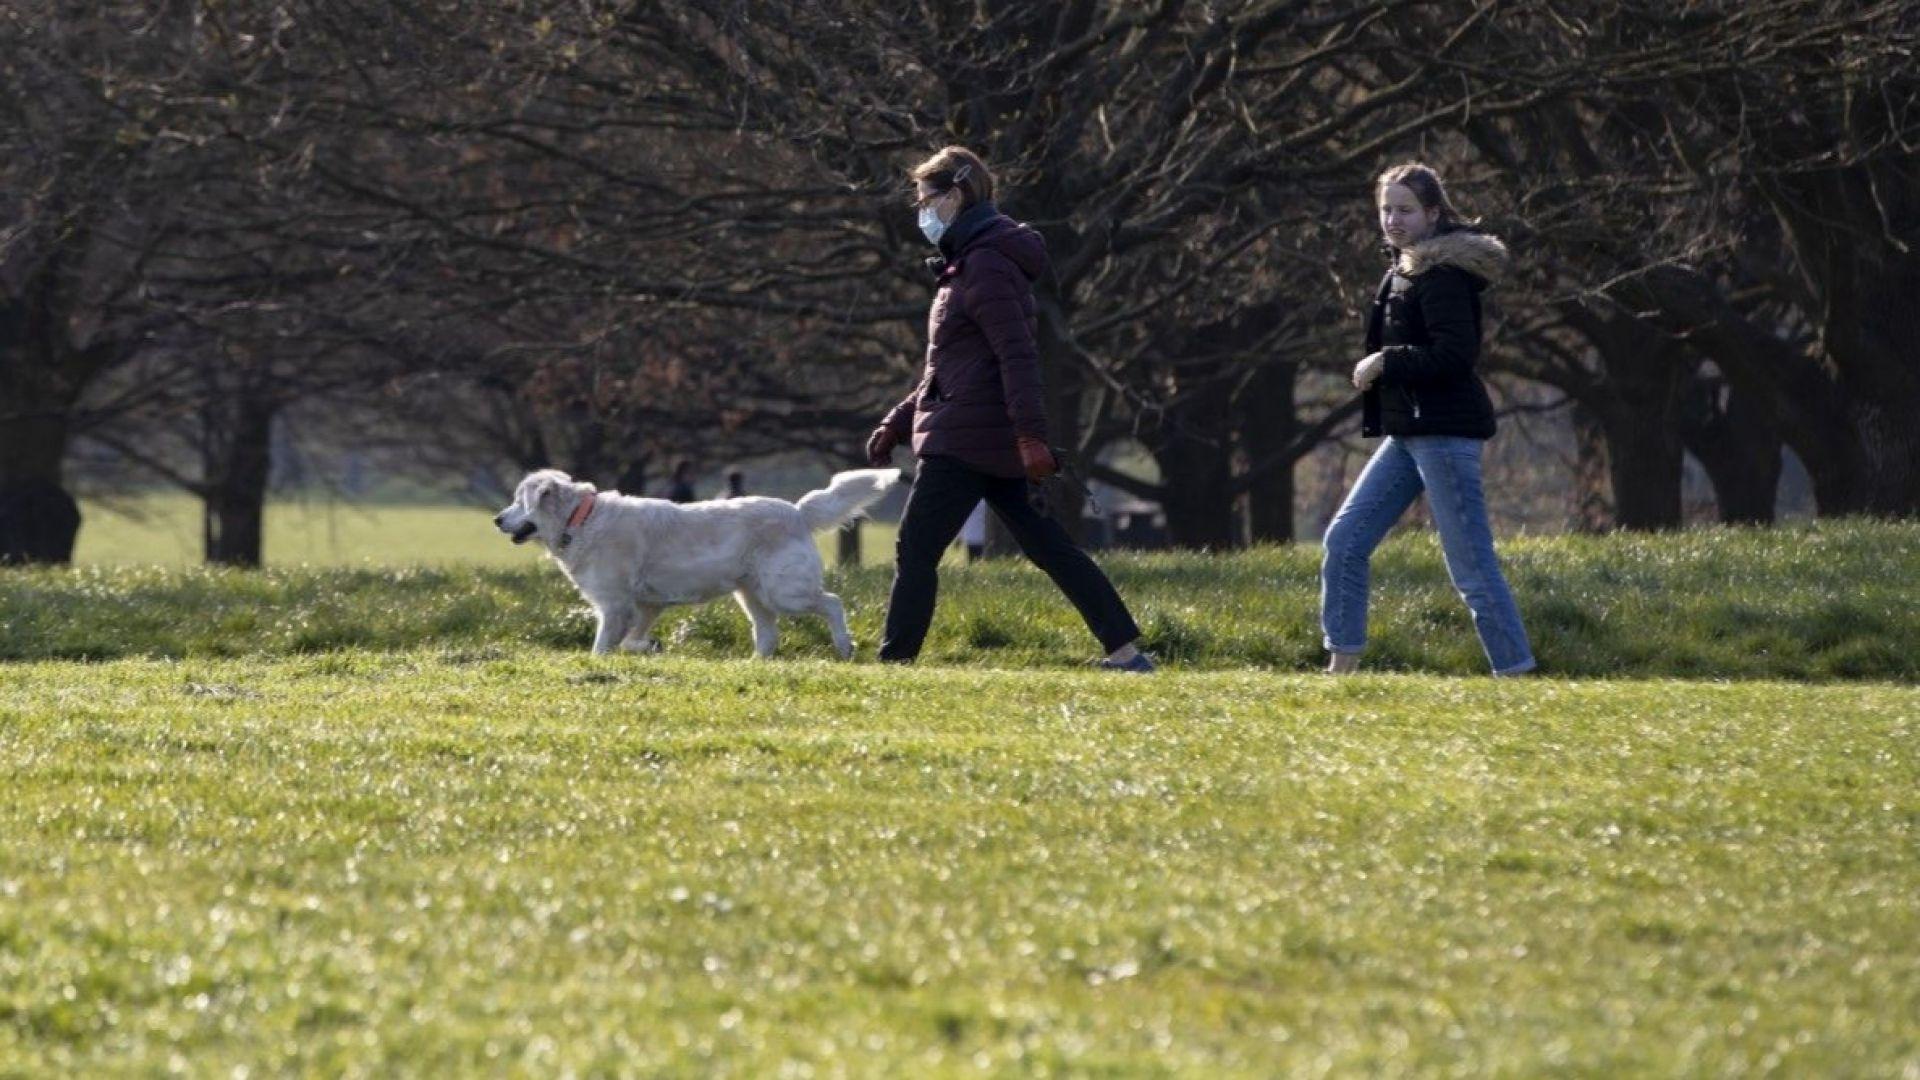 23 акта за нарушение на забраната за преминаване през паркове